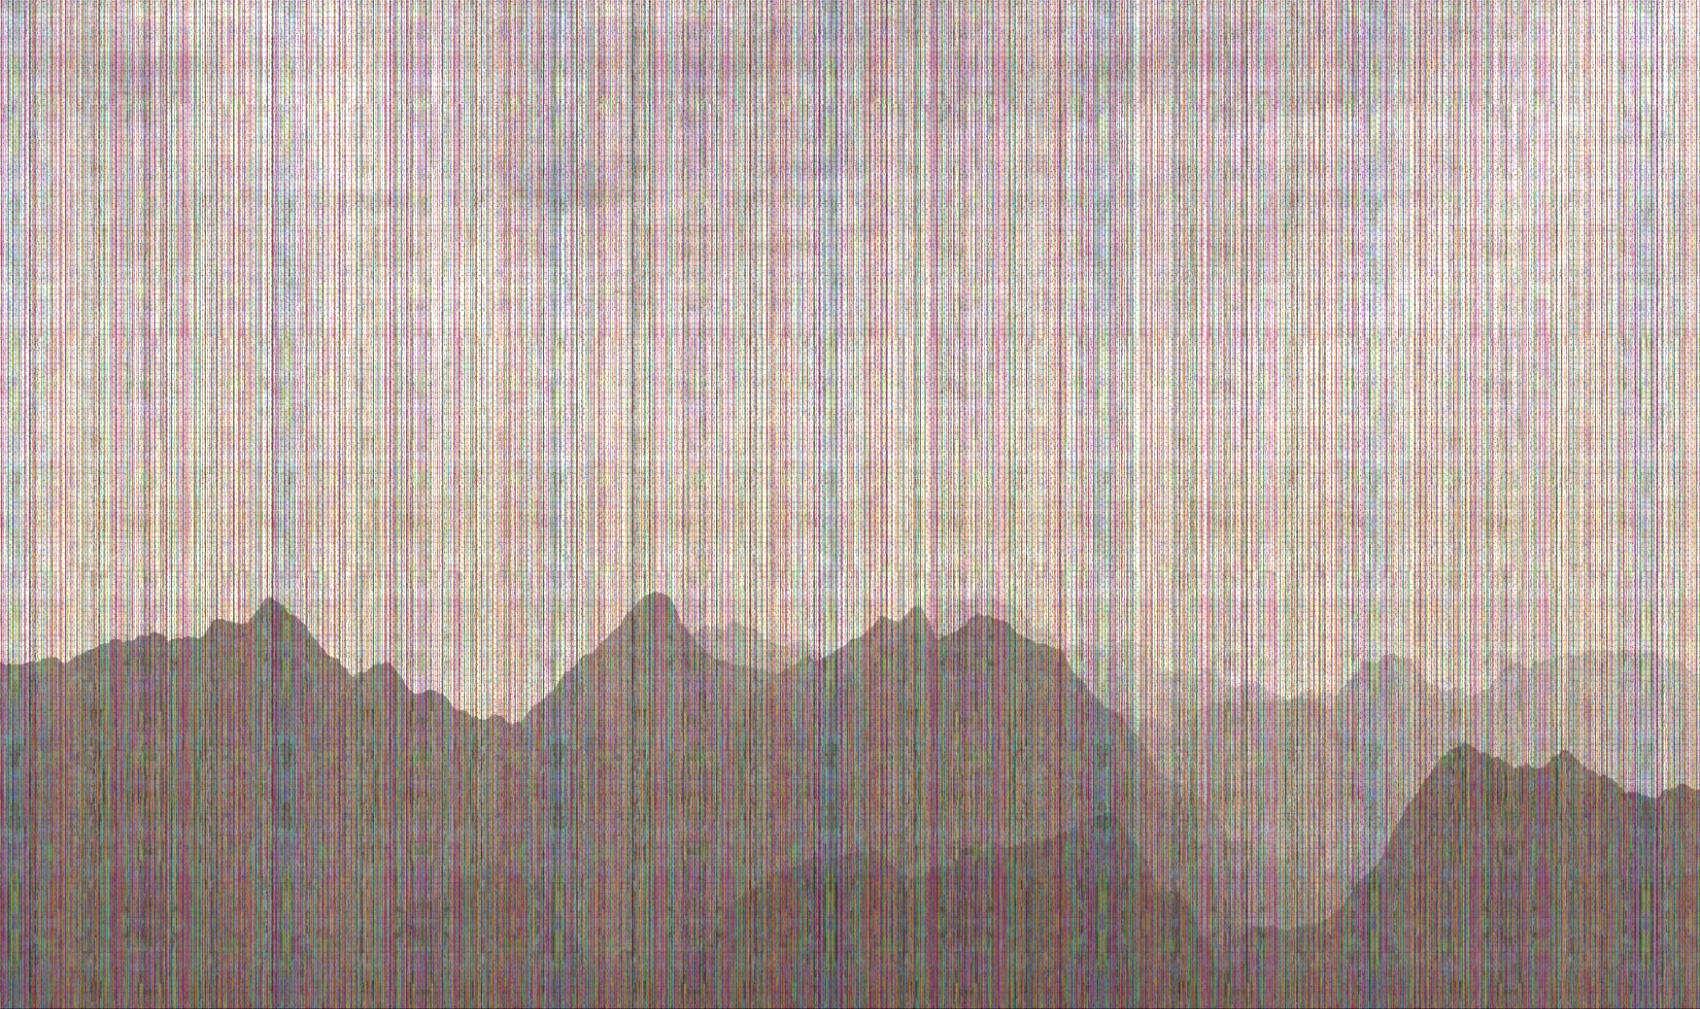 Landscape Recovery 9, 2017, Jet d'encre, 78 x 131 cm